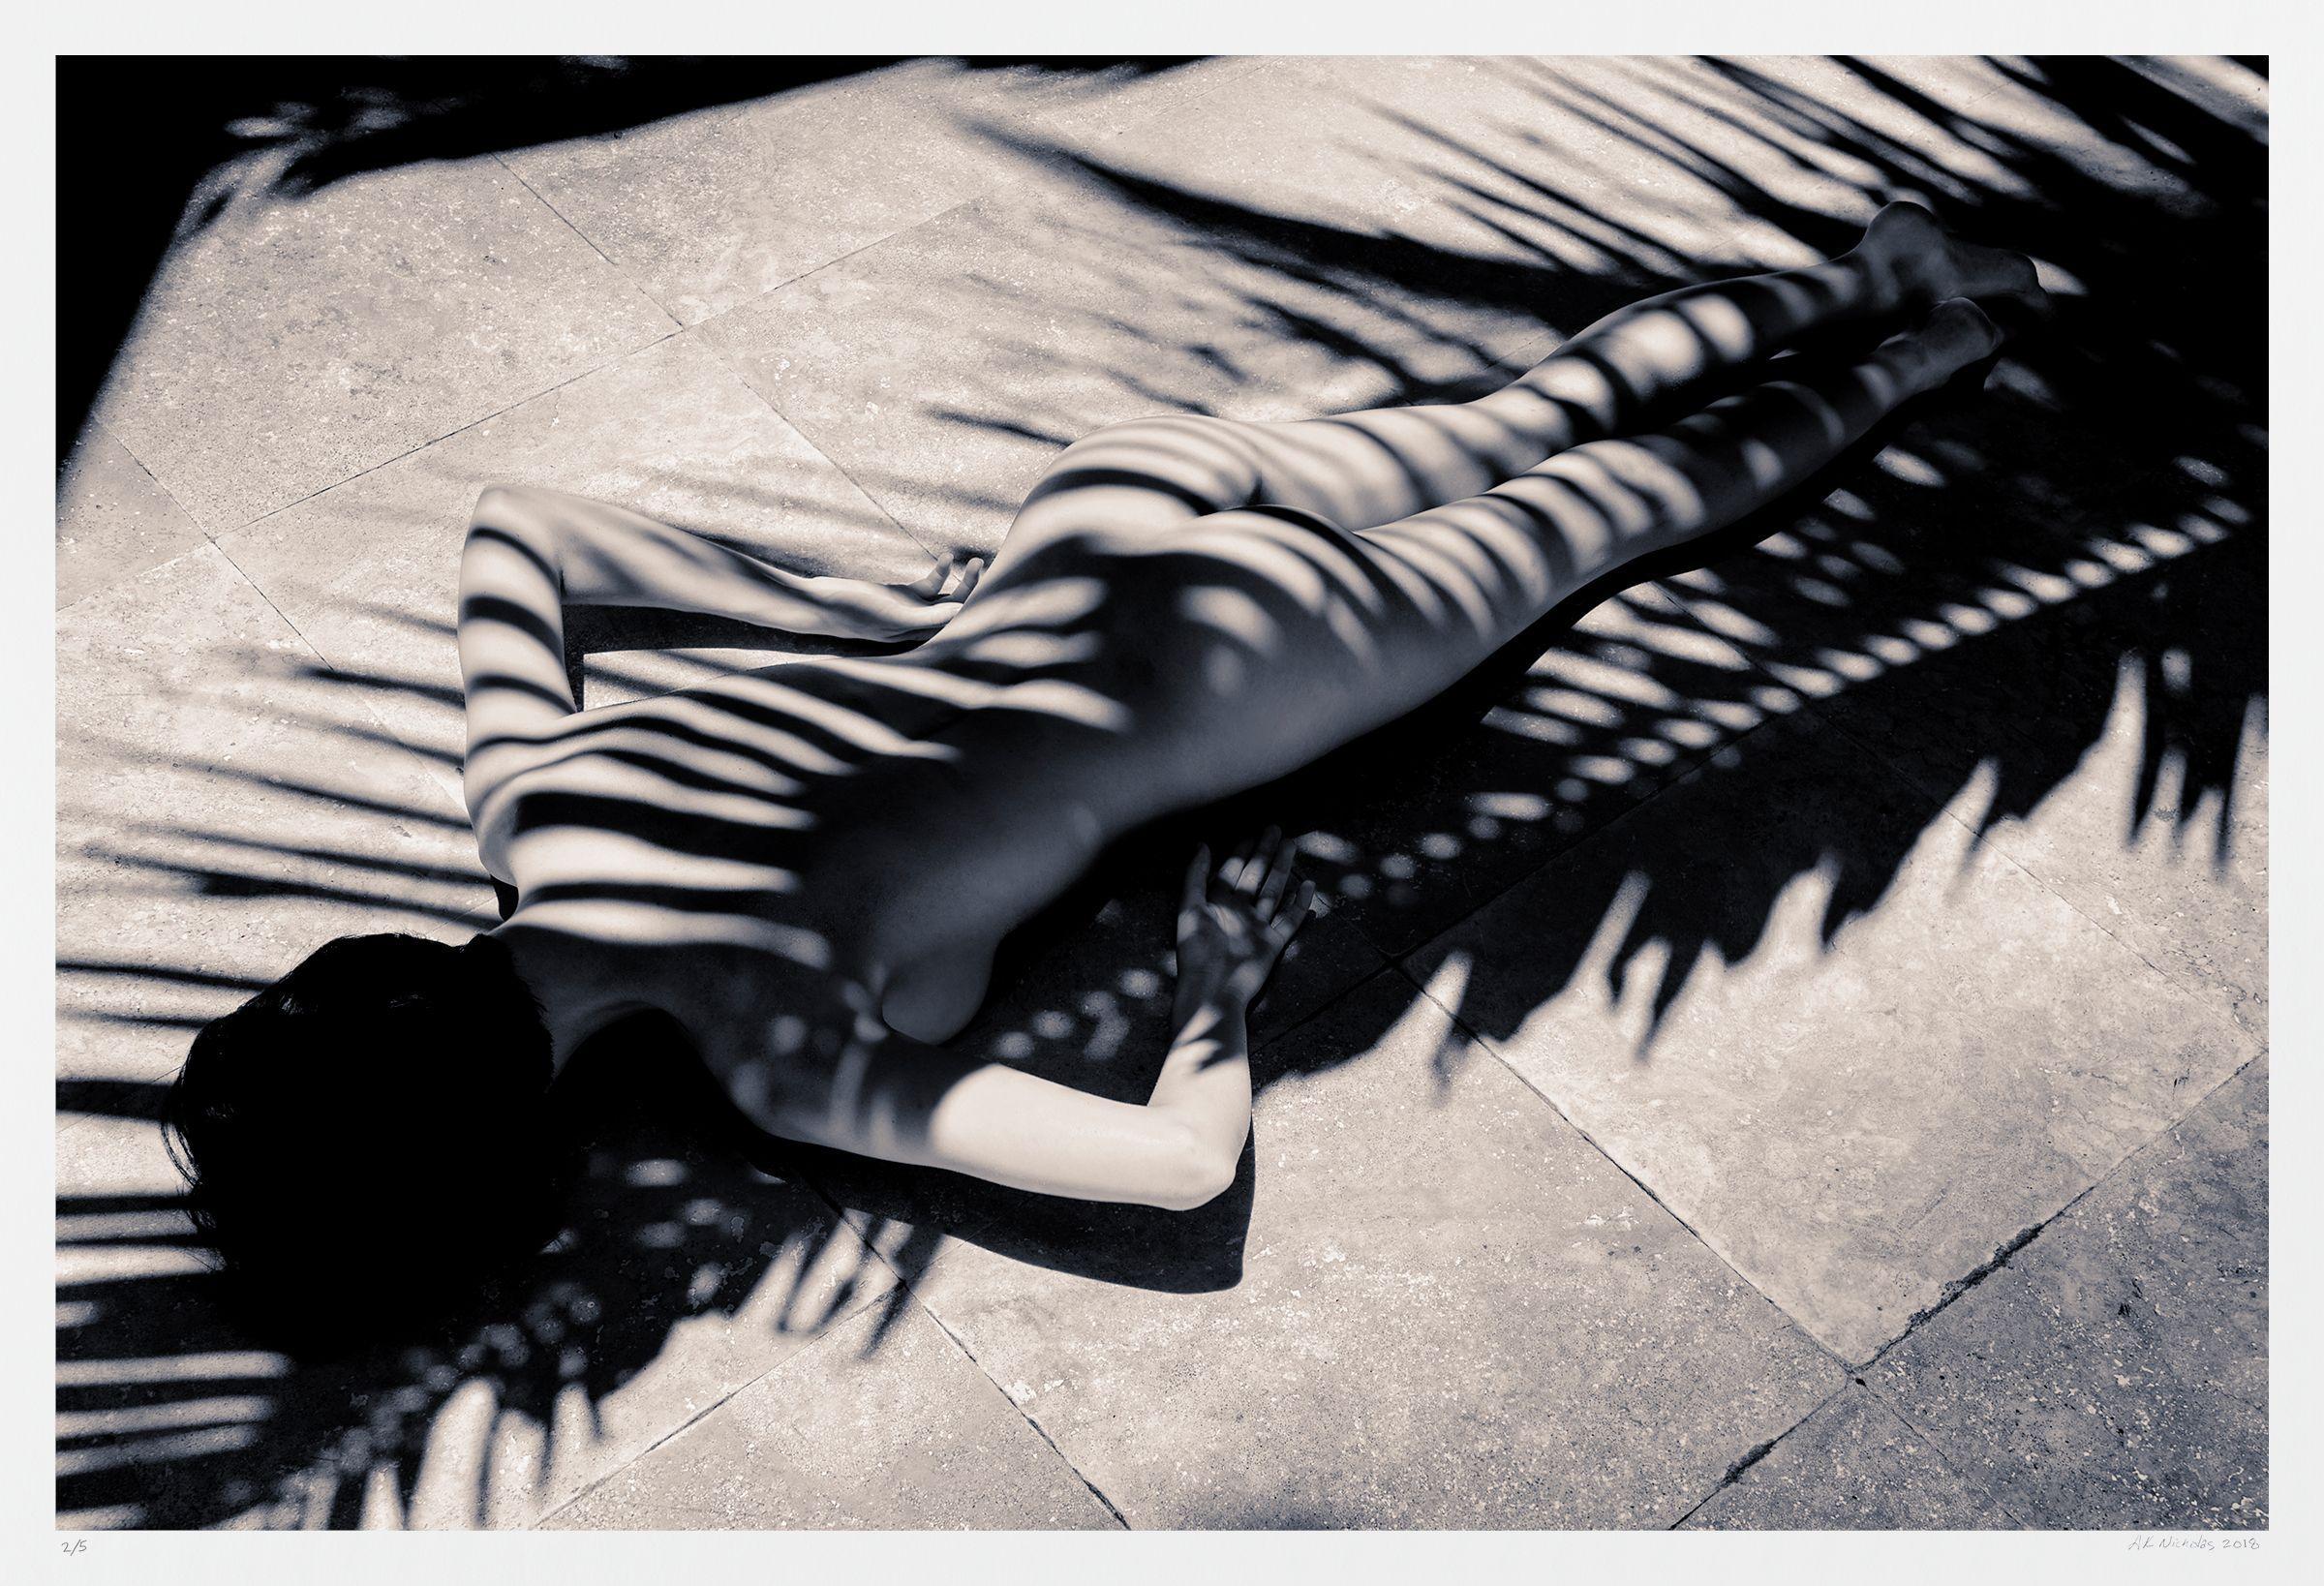 Palm Zebra, Photograph, Archival Ink Jet